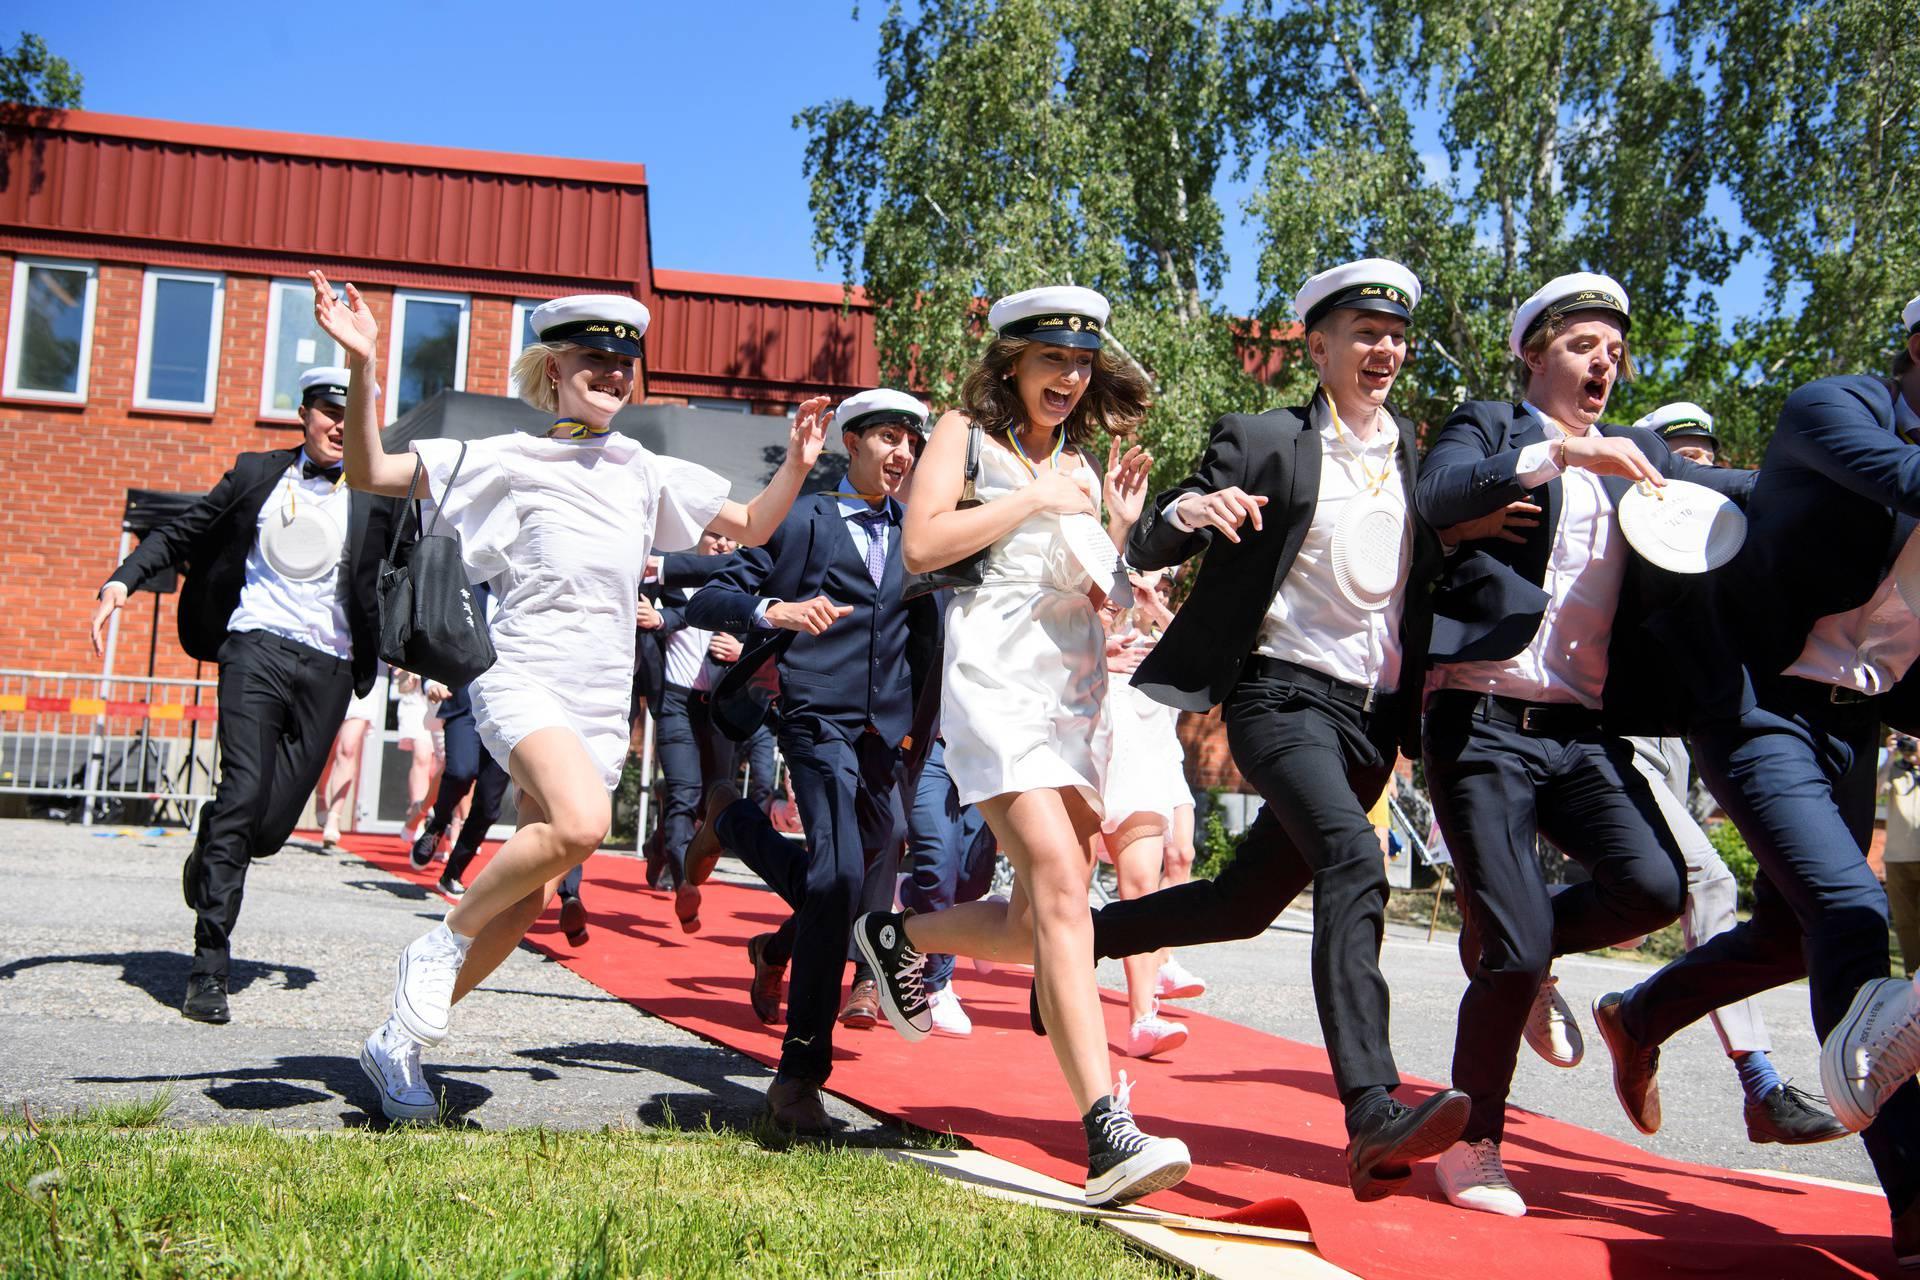 Švedska: U školama nije bilo veće stope zaraze koronom, a cijelo su vrijeme bile otvorene